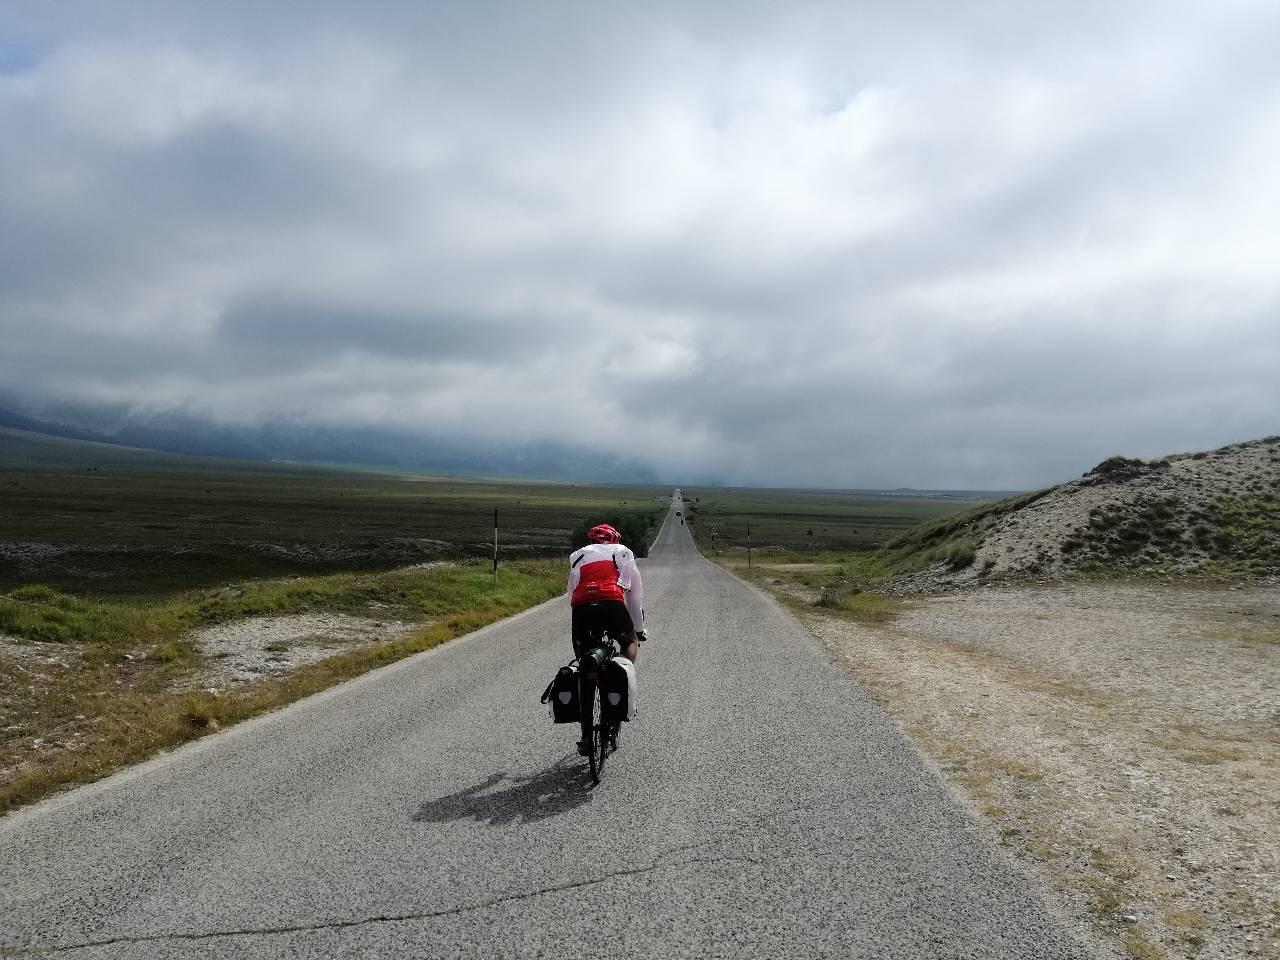 strada gps pianificare itinerario bici